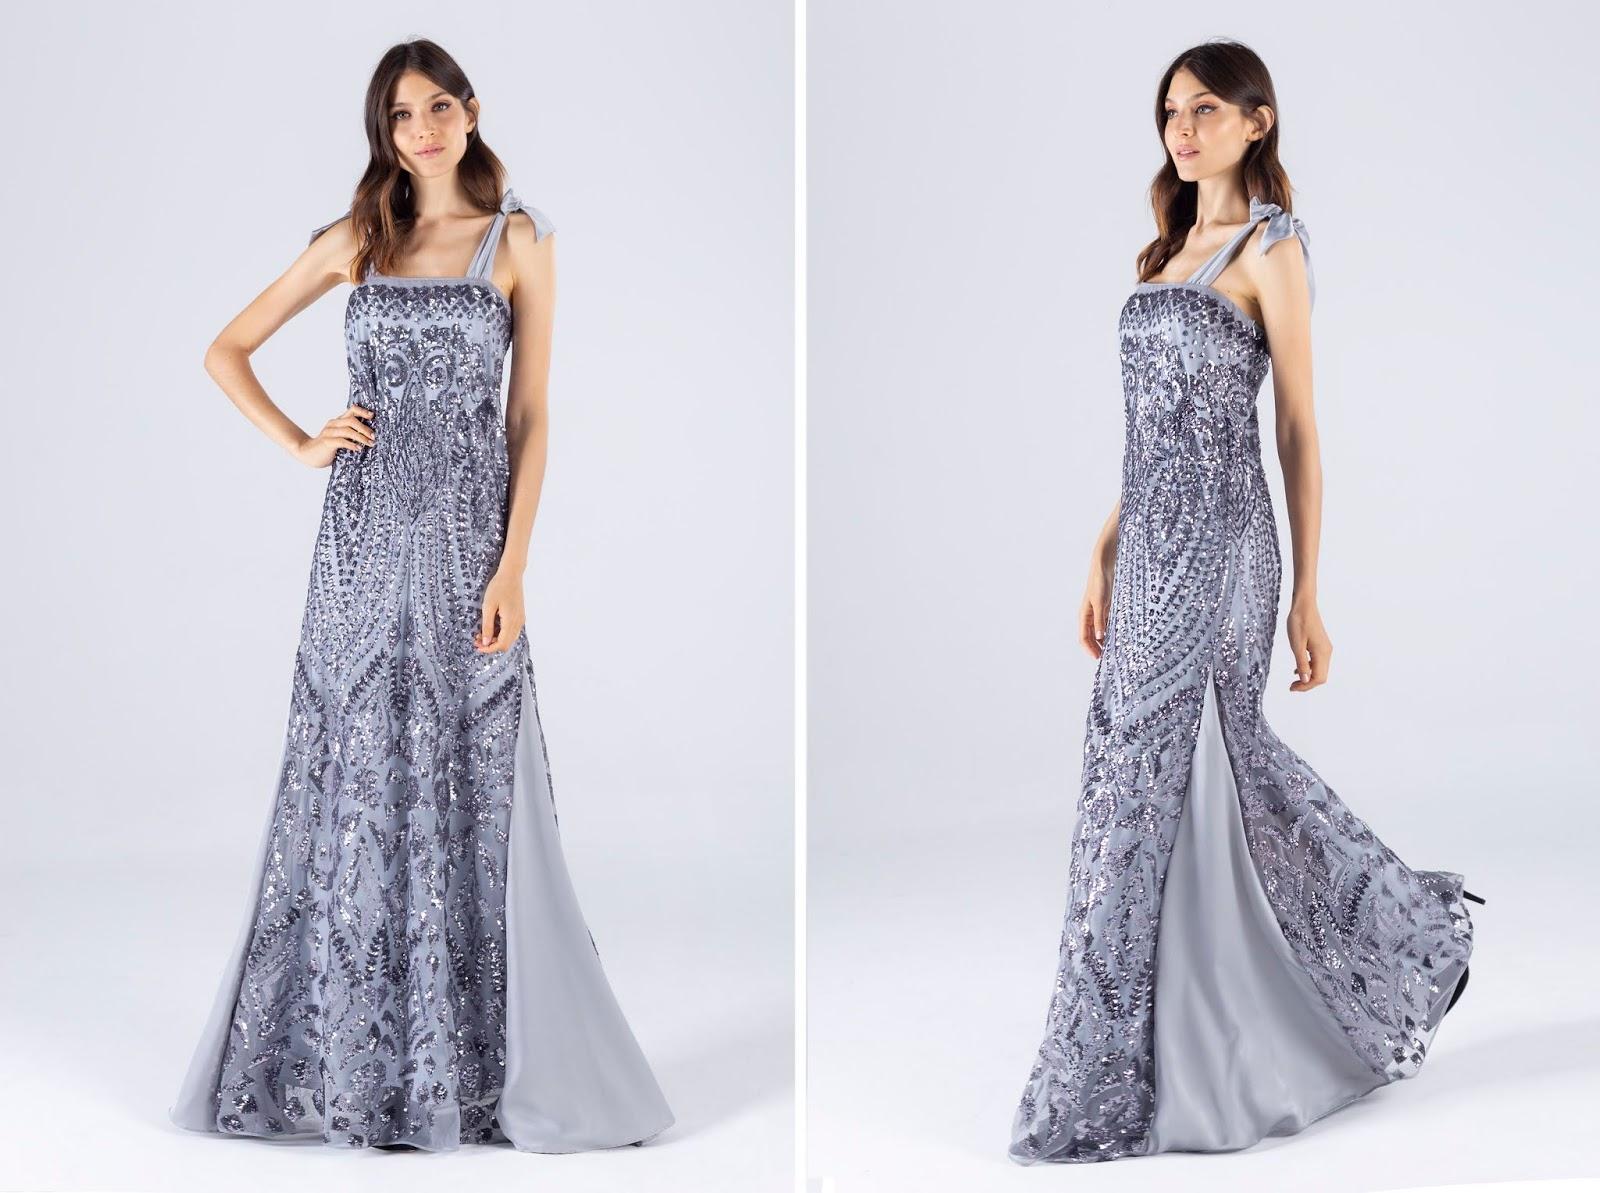 Vestidos de fiesta verano 2020 moda mujer. Moda 2020 vestidos de fiesta largos.